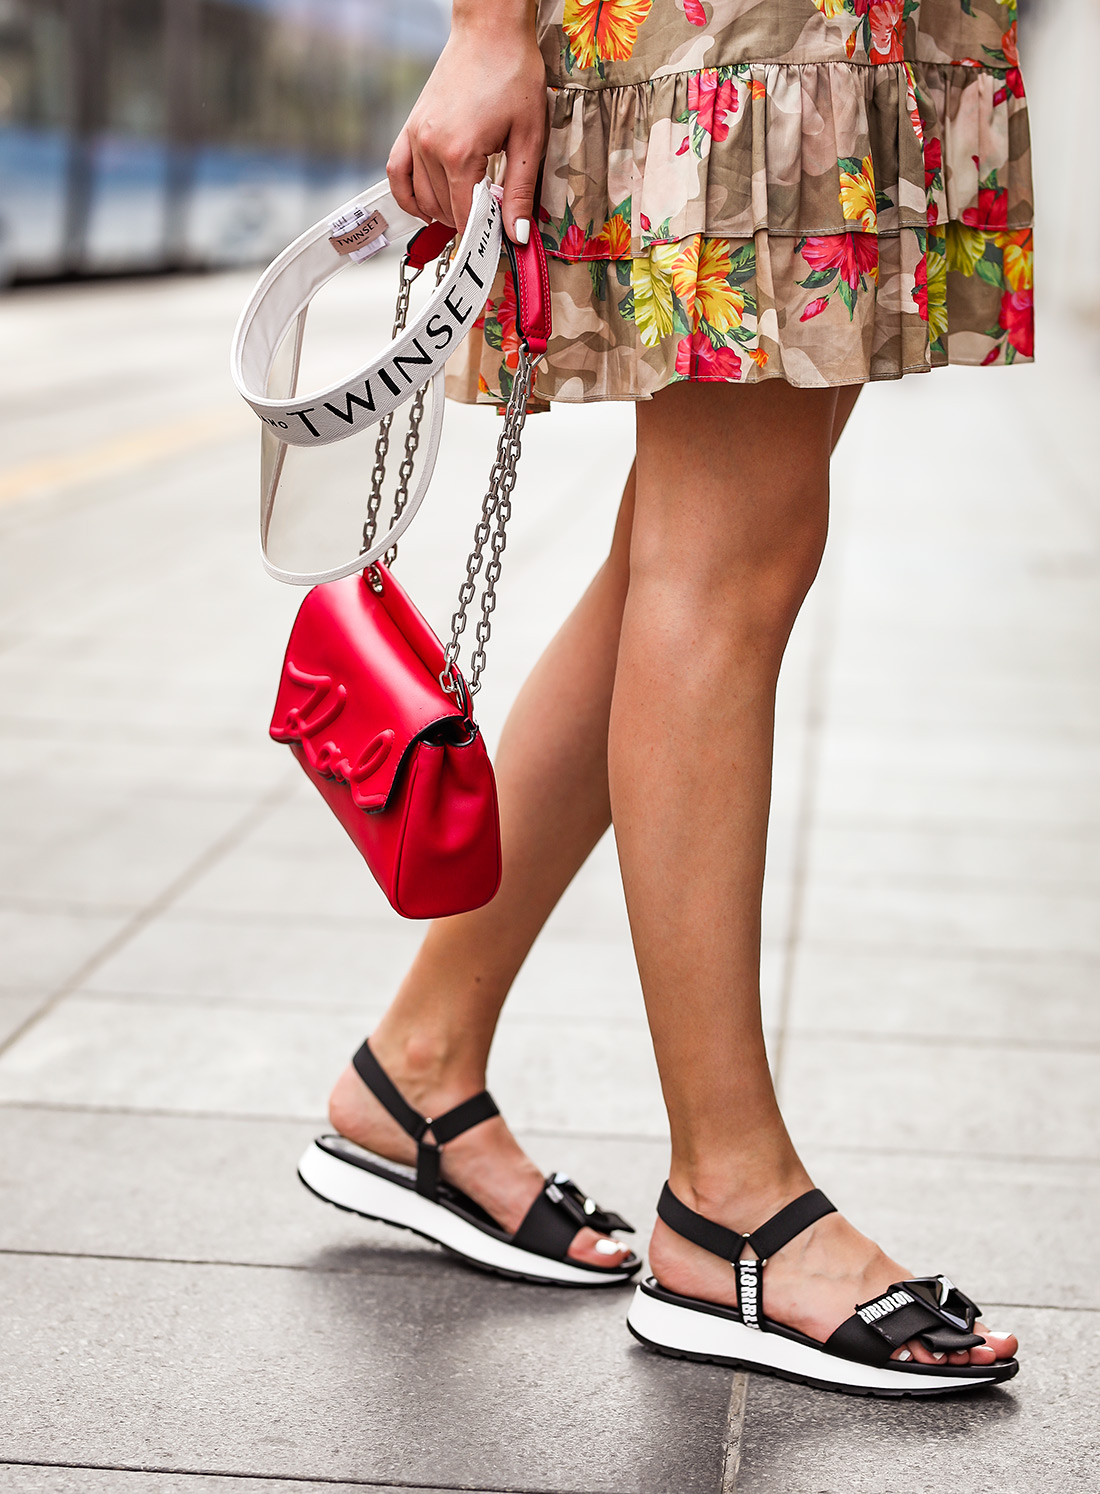 karla obuća twinset odjeća sniženje zagrebačka špica